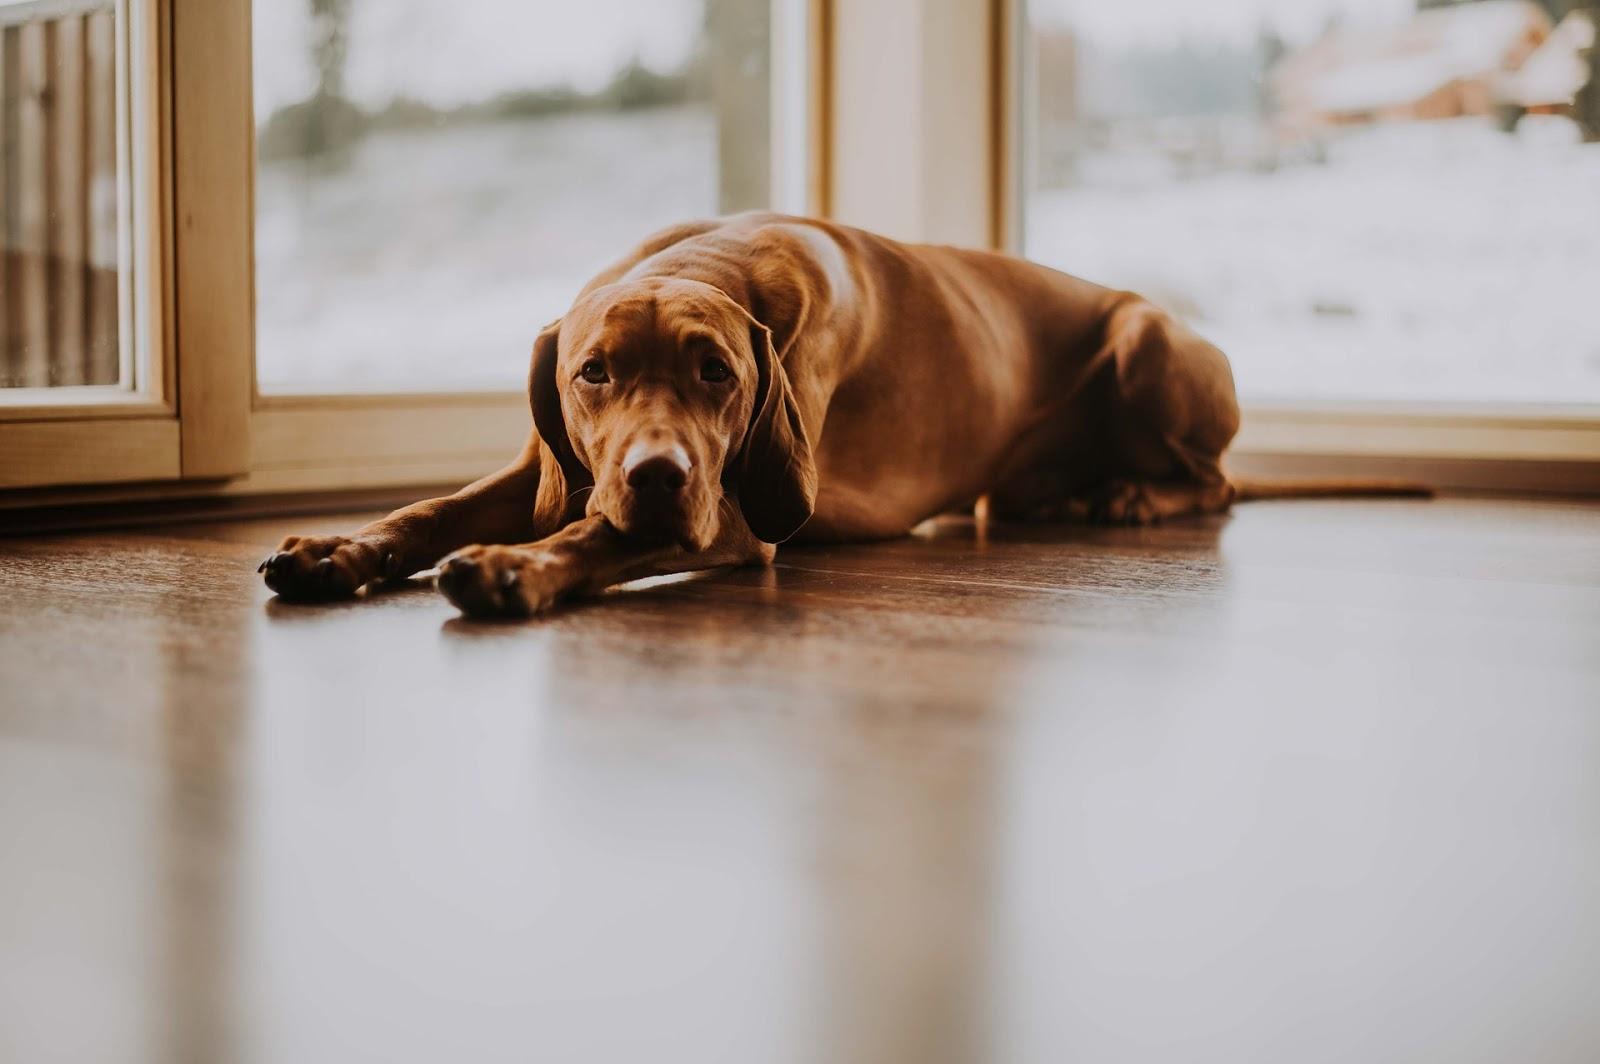 Proč má pes horké uši?